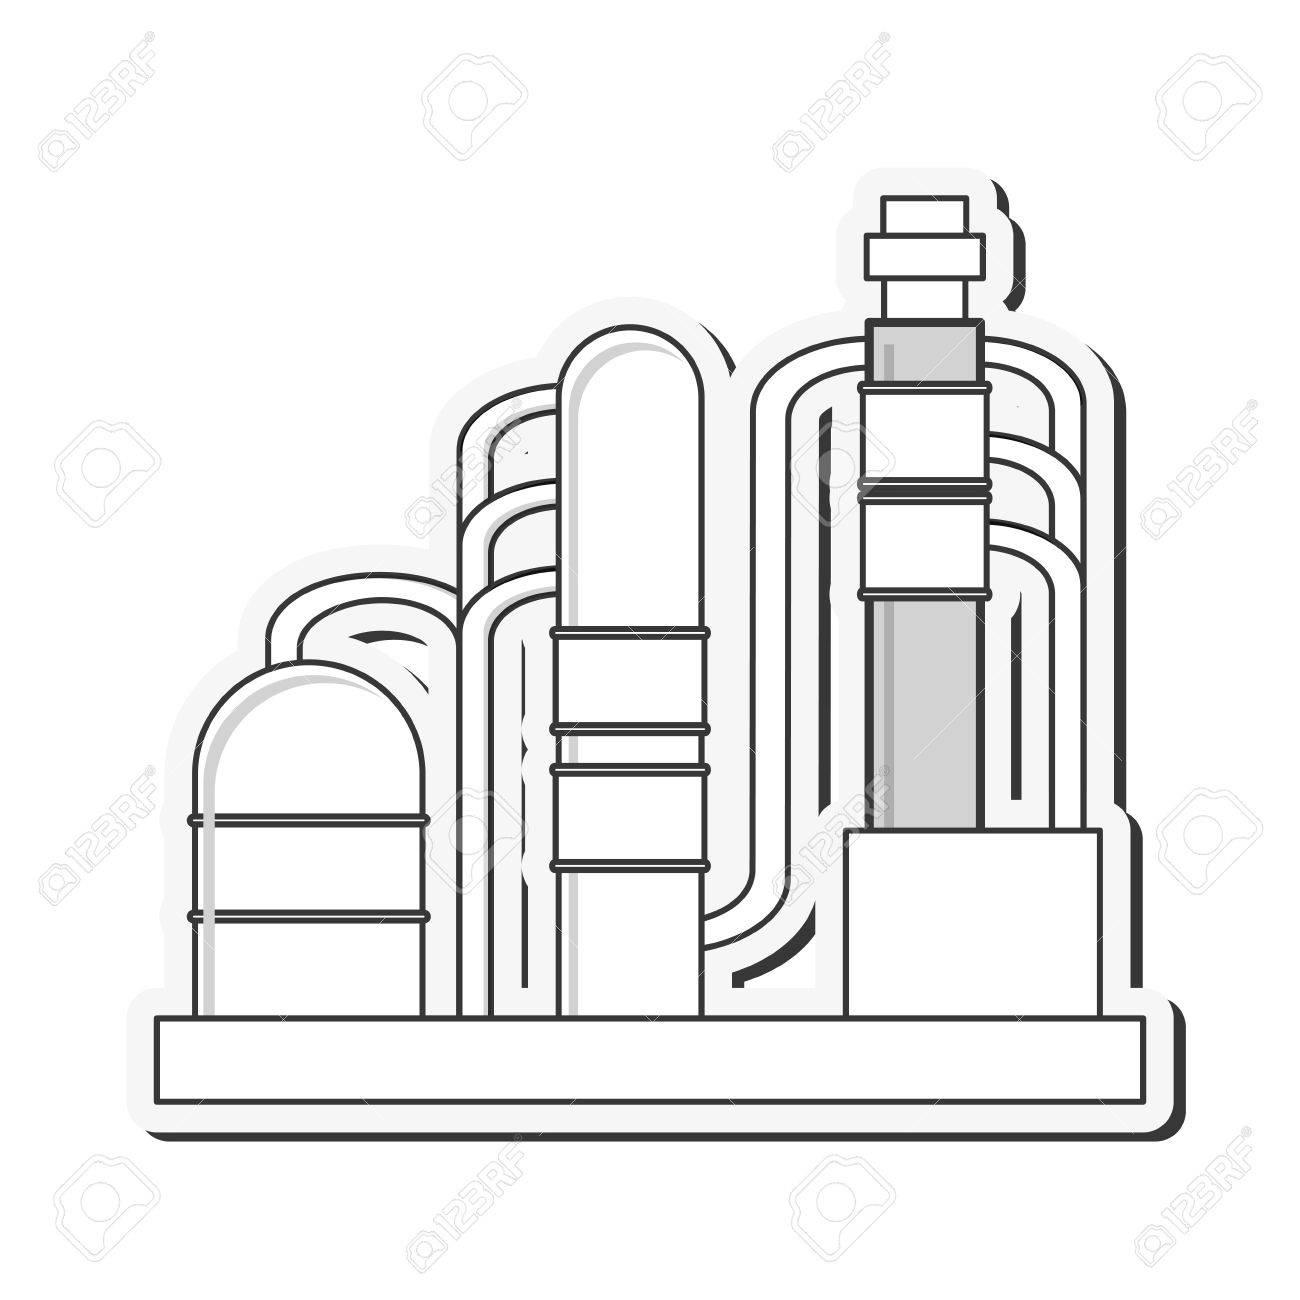 1300x1300 Flat Design Oil Refinery Pipeline Bridge Icon Vector Illustration